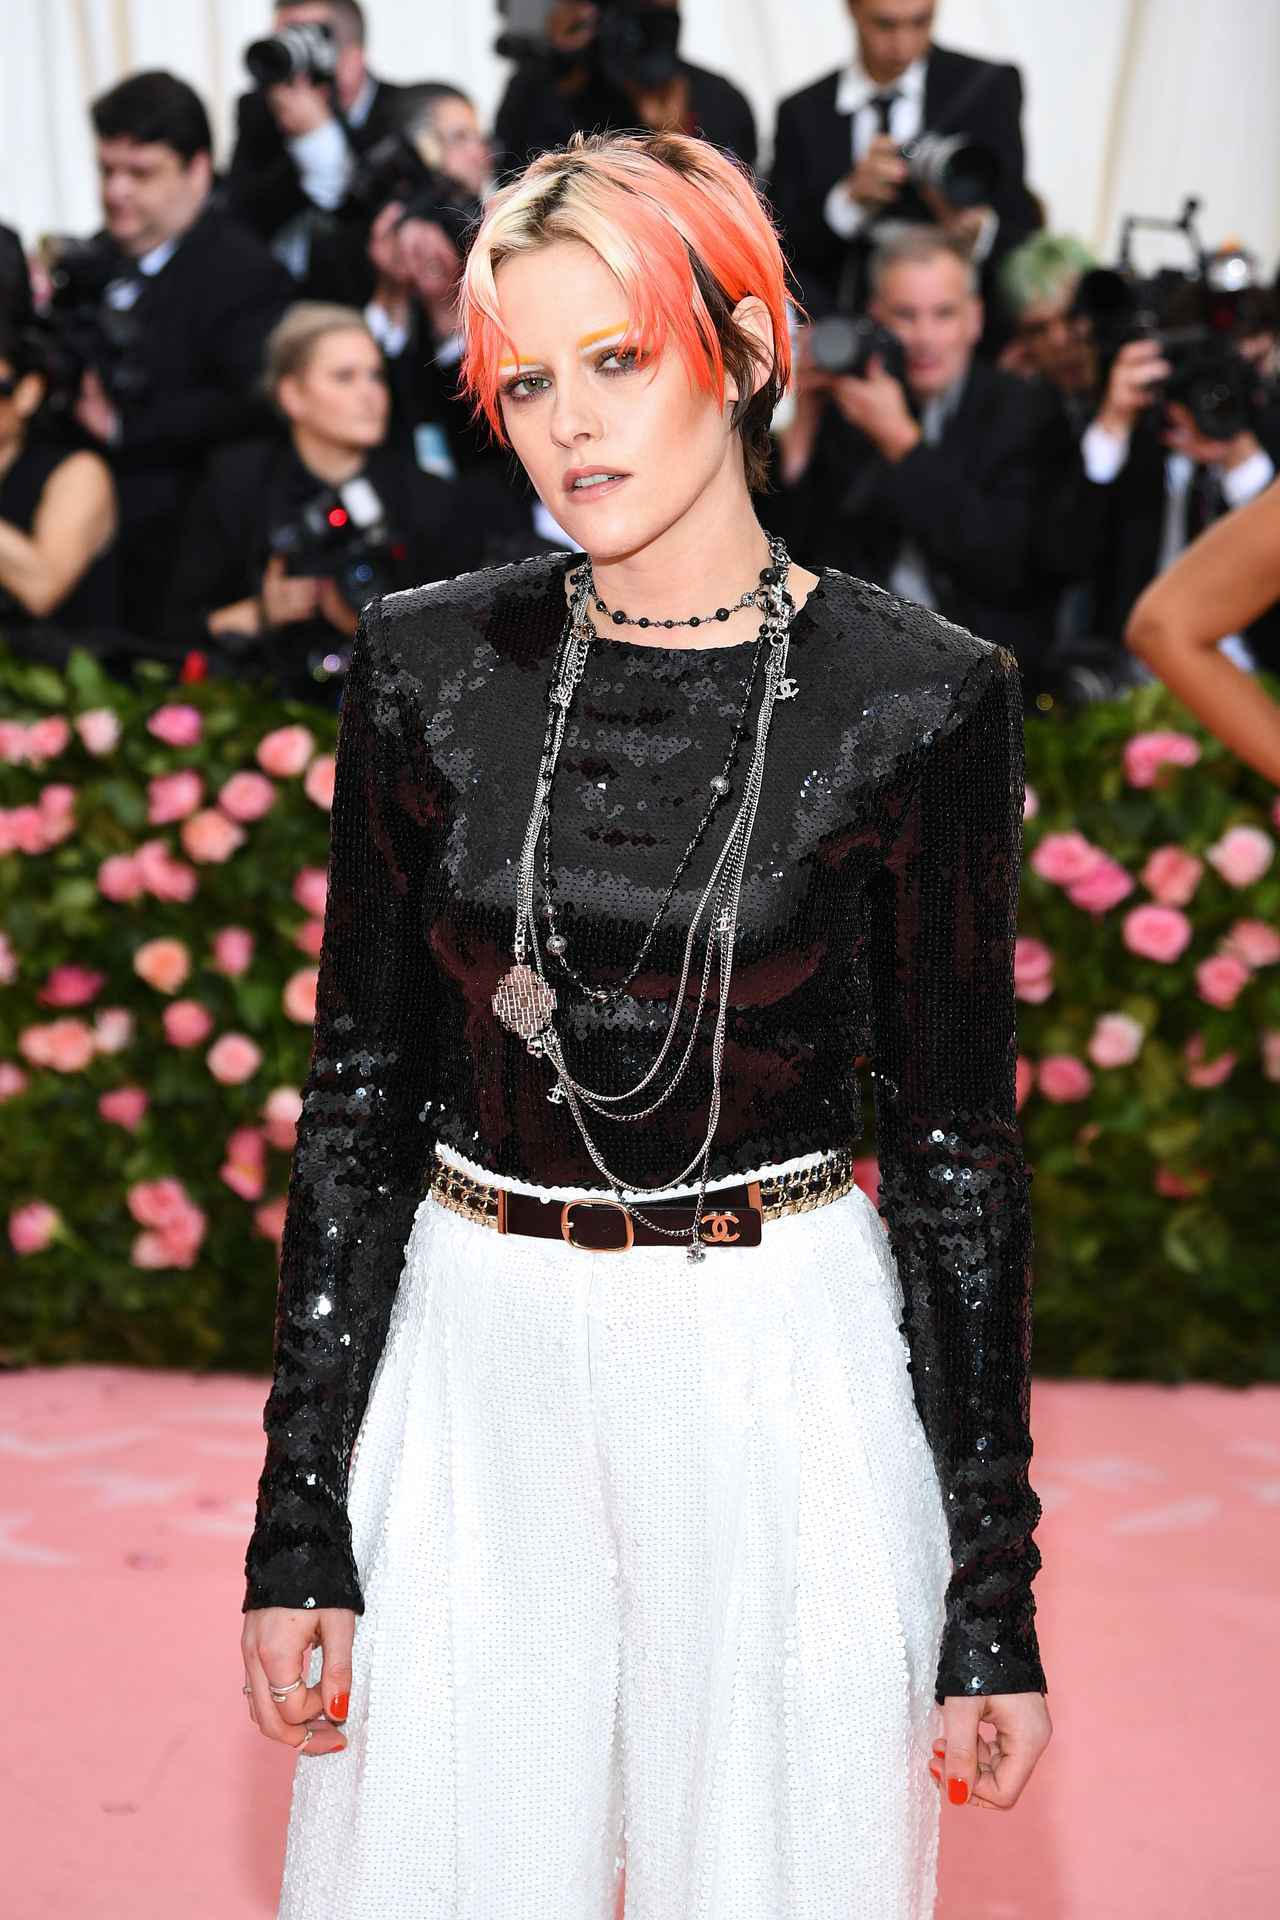 6626f2ad2e38a クリステンのこの日のスタイルは、全身シャネル(Chanel)。スパンコールが輝く黒のトップスにきらめく白のワイドパンツを合わせ、シャネルのネックレスとベルトで  ...